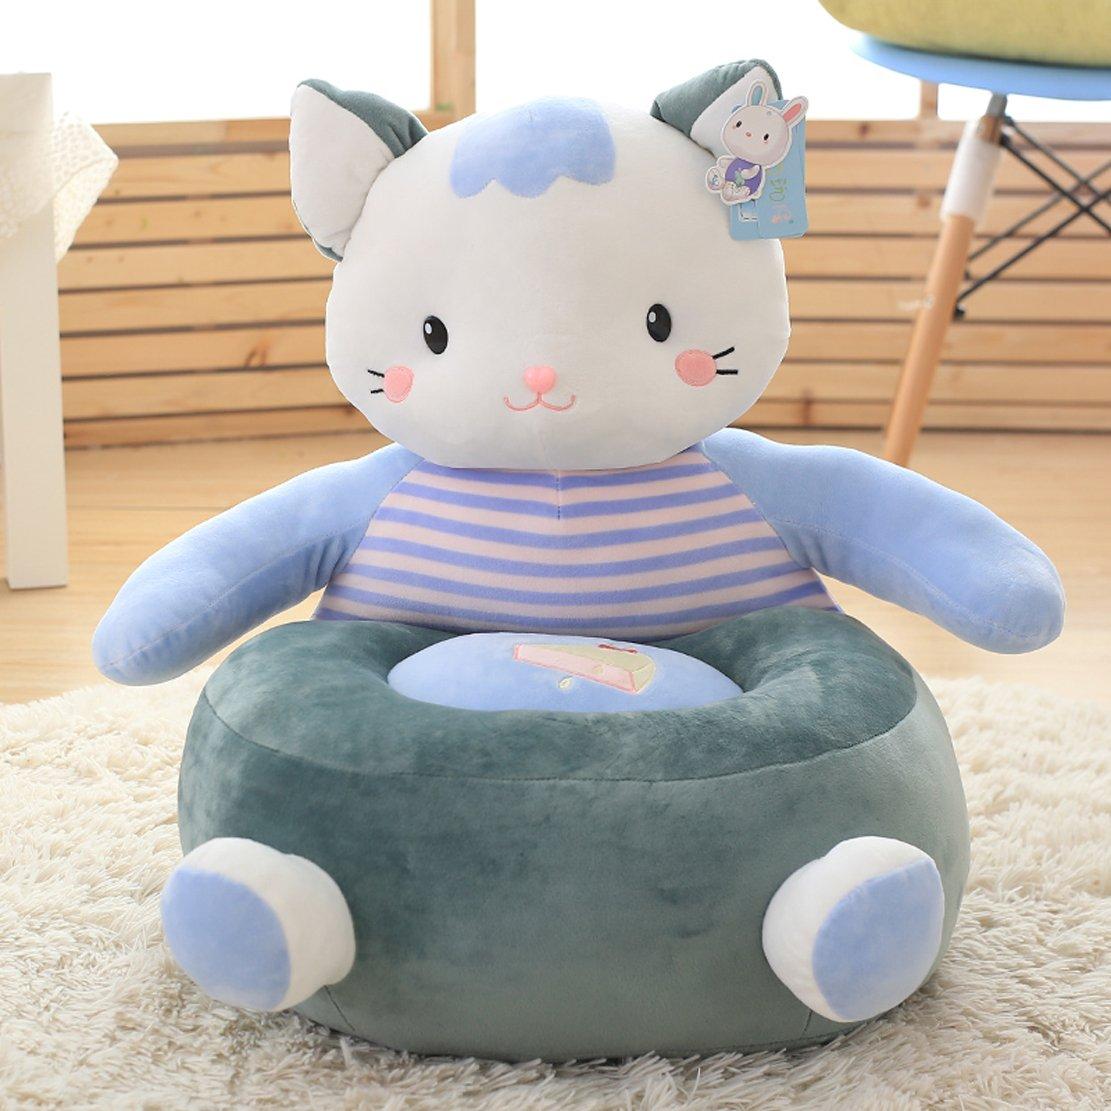 MAXYOYO Cute Kitty niños Peluche Juguete de Peluche de Felpa muñeca, Tatami sofá Silla para niños/los niños/bebé, Mejor Regalo para los niños